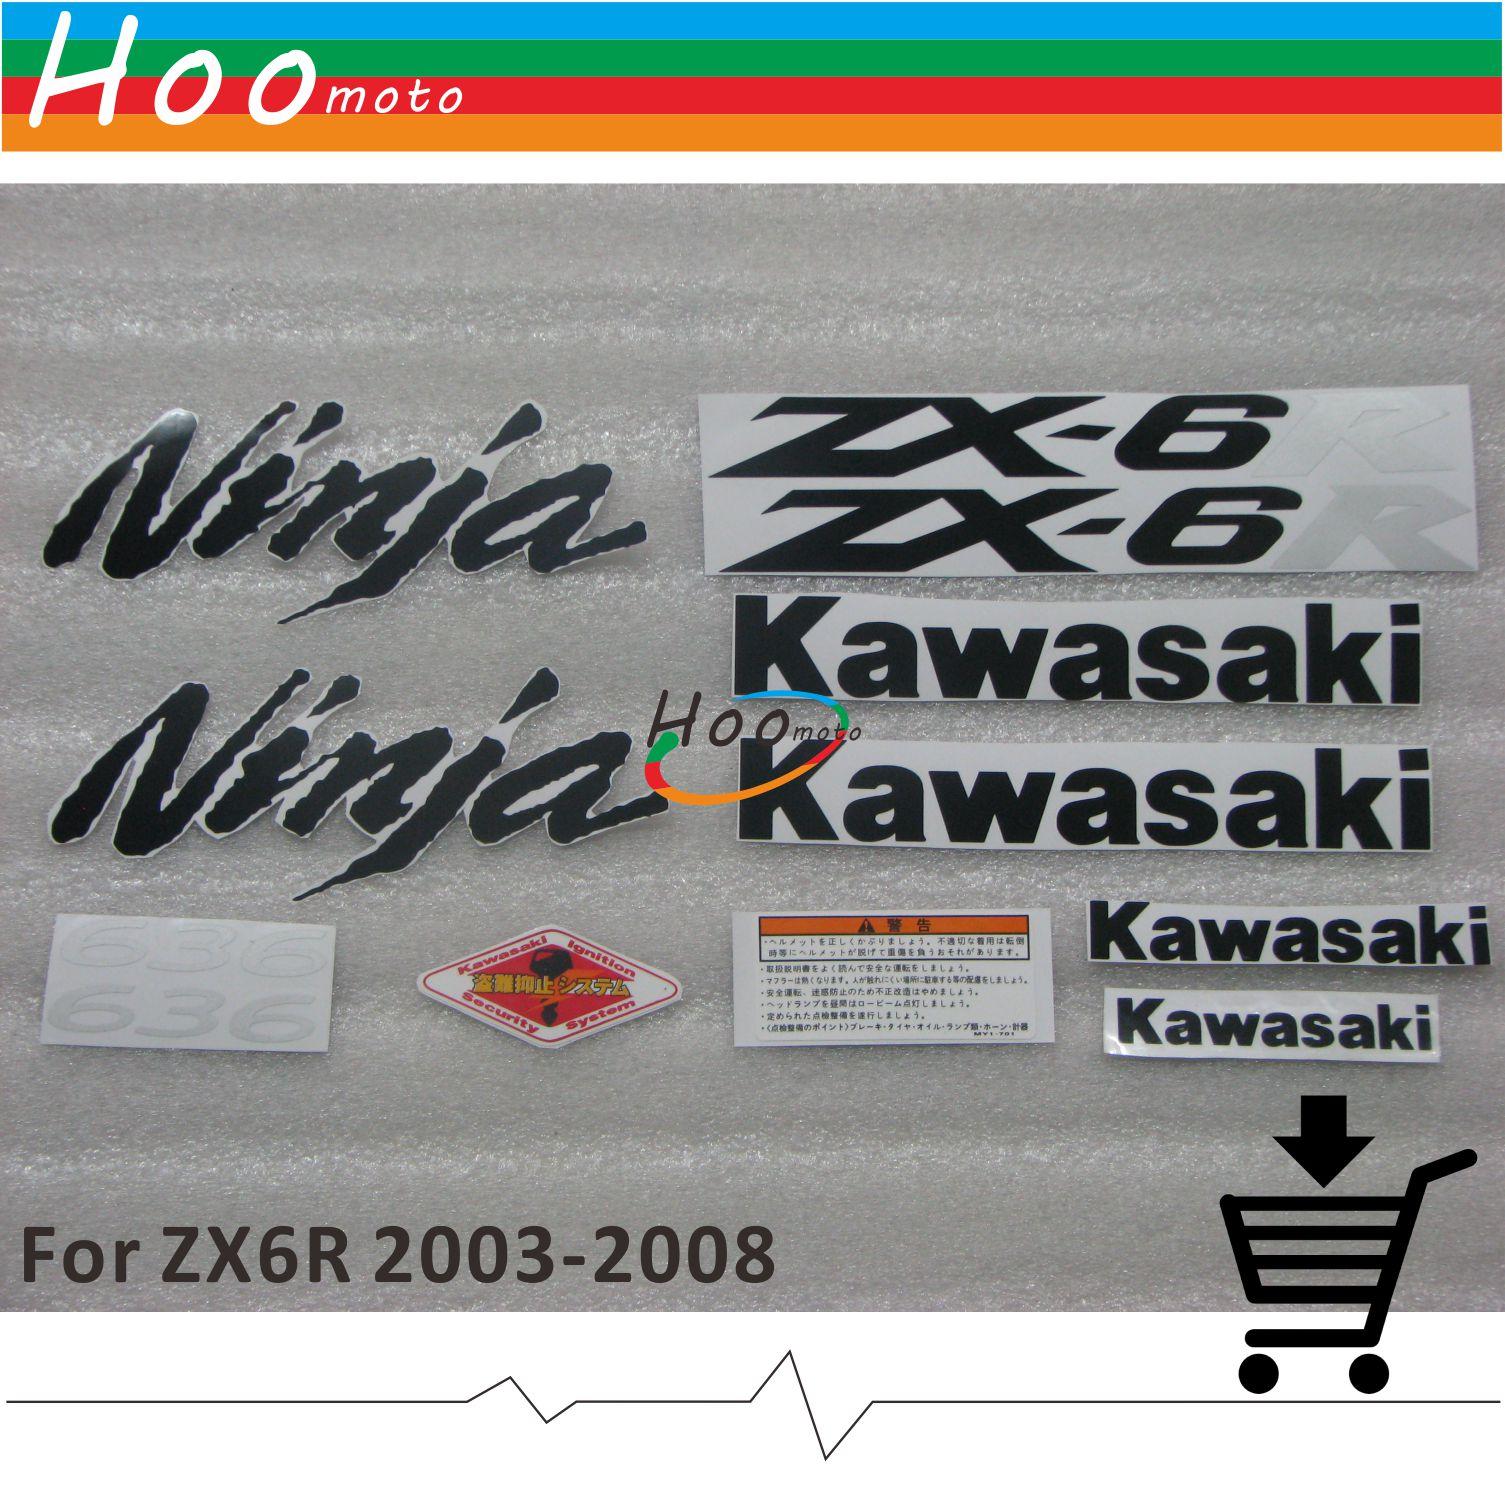 ZX6R 2006 Ninja Full Decals Sticker Graphics Set Kit 636 Motorcycle car For Kawasaki ZX 6R 03 04 05 06 07 08 Sticker Z-QG-K-06A